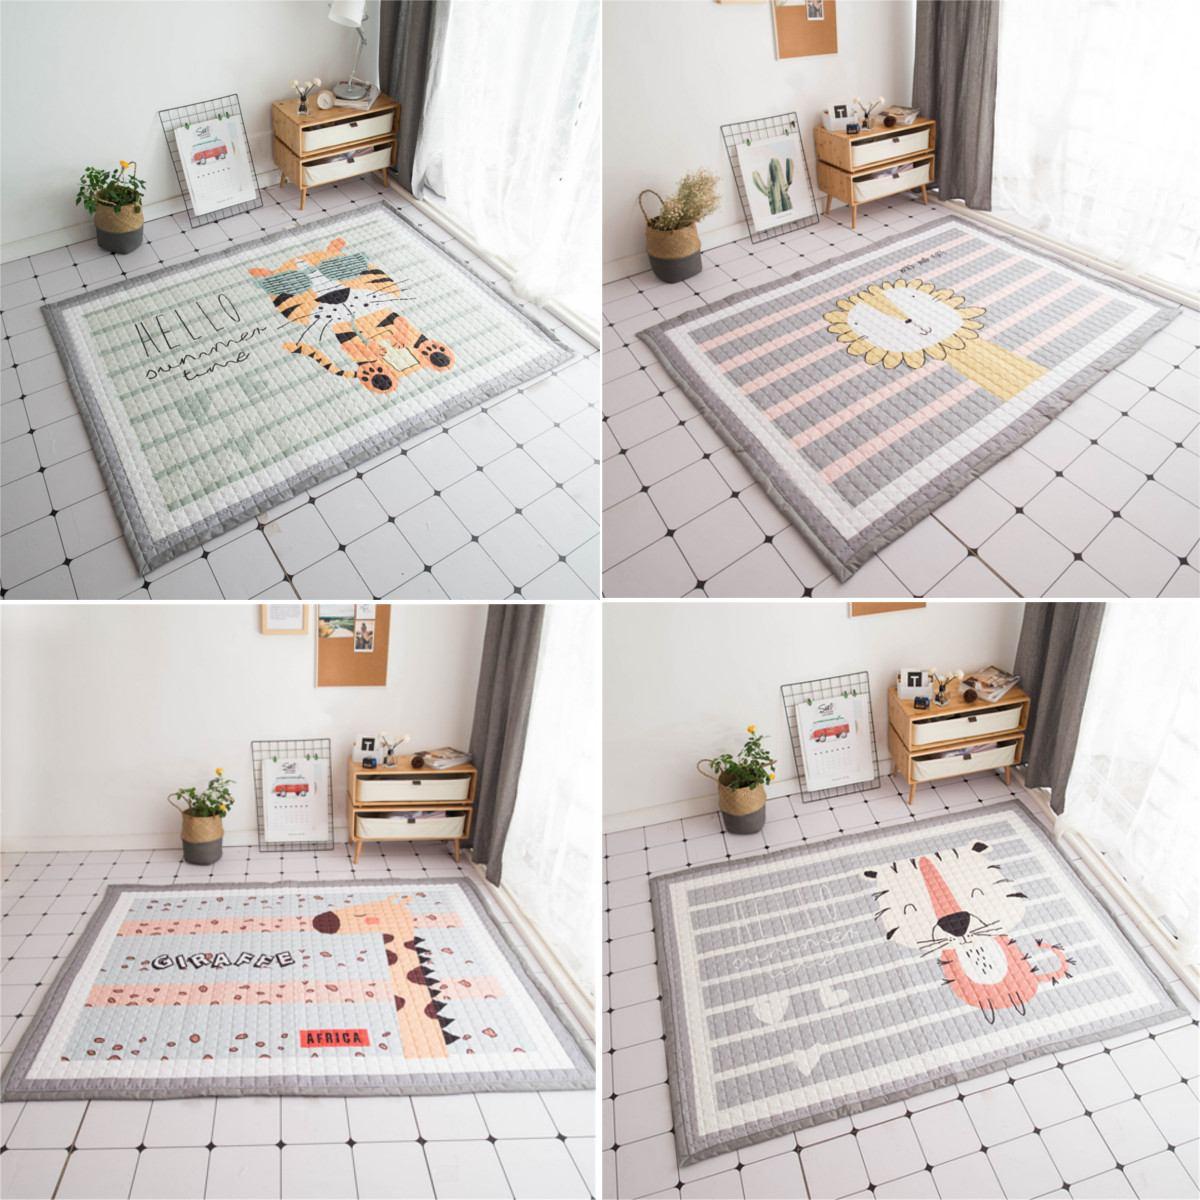 Polyester bébé enfants tapis de jeu activité jeu ramper tapis tapis 195X145 cm tapis antidérapant bébé pépinière salle de jeux décoration cadeaux